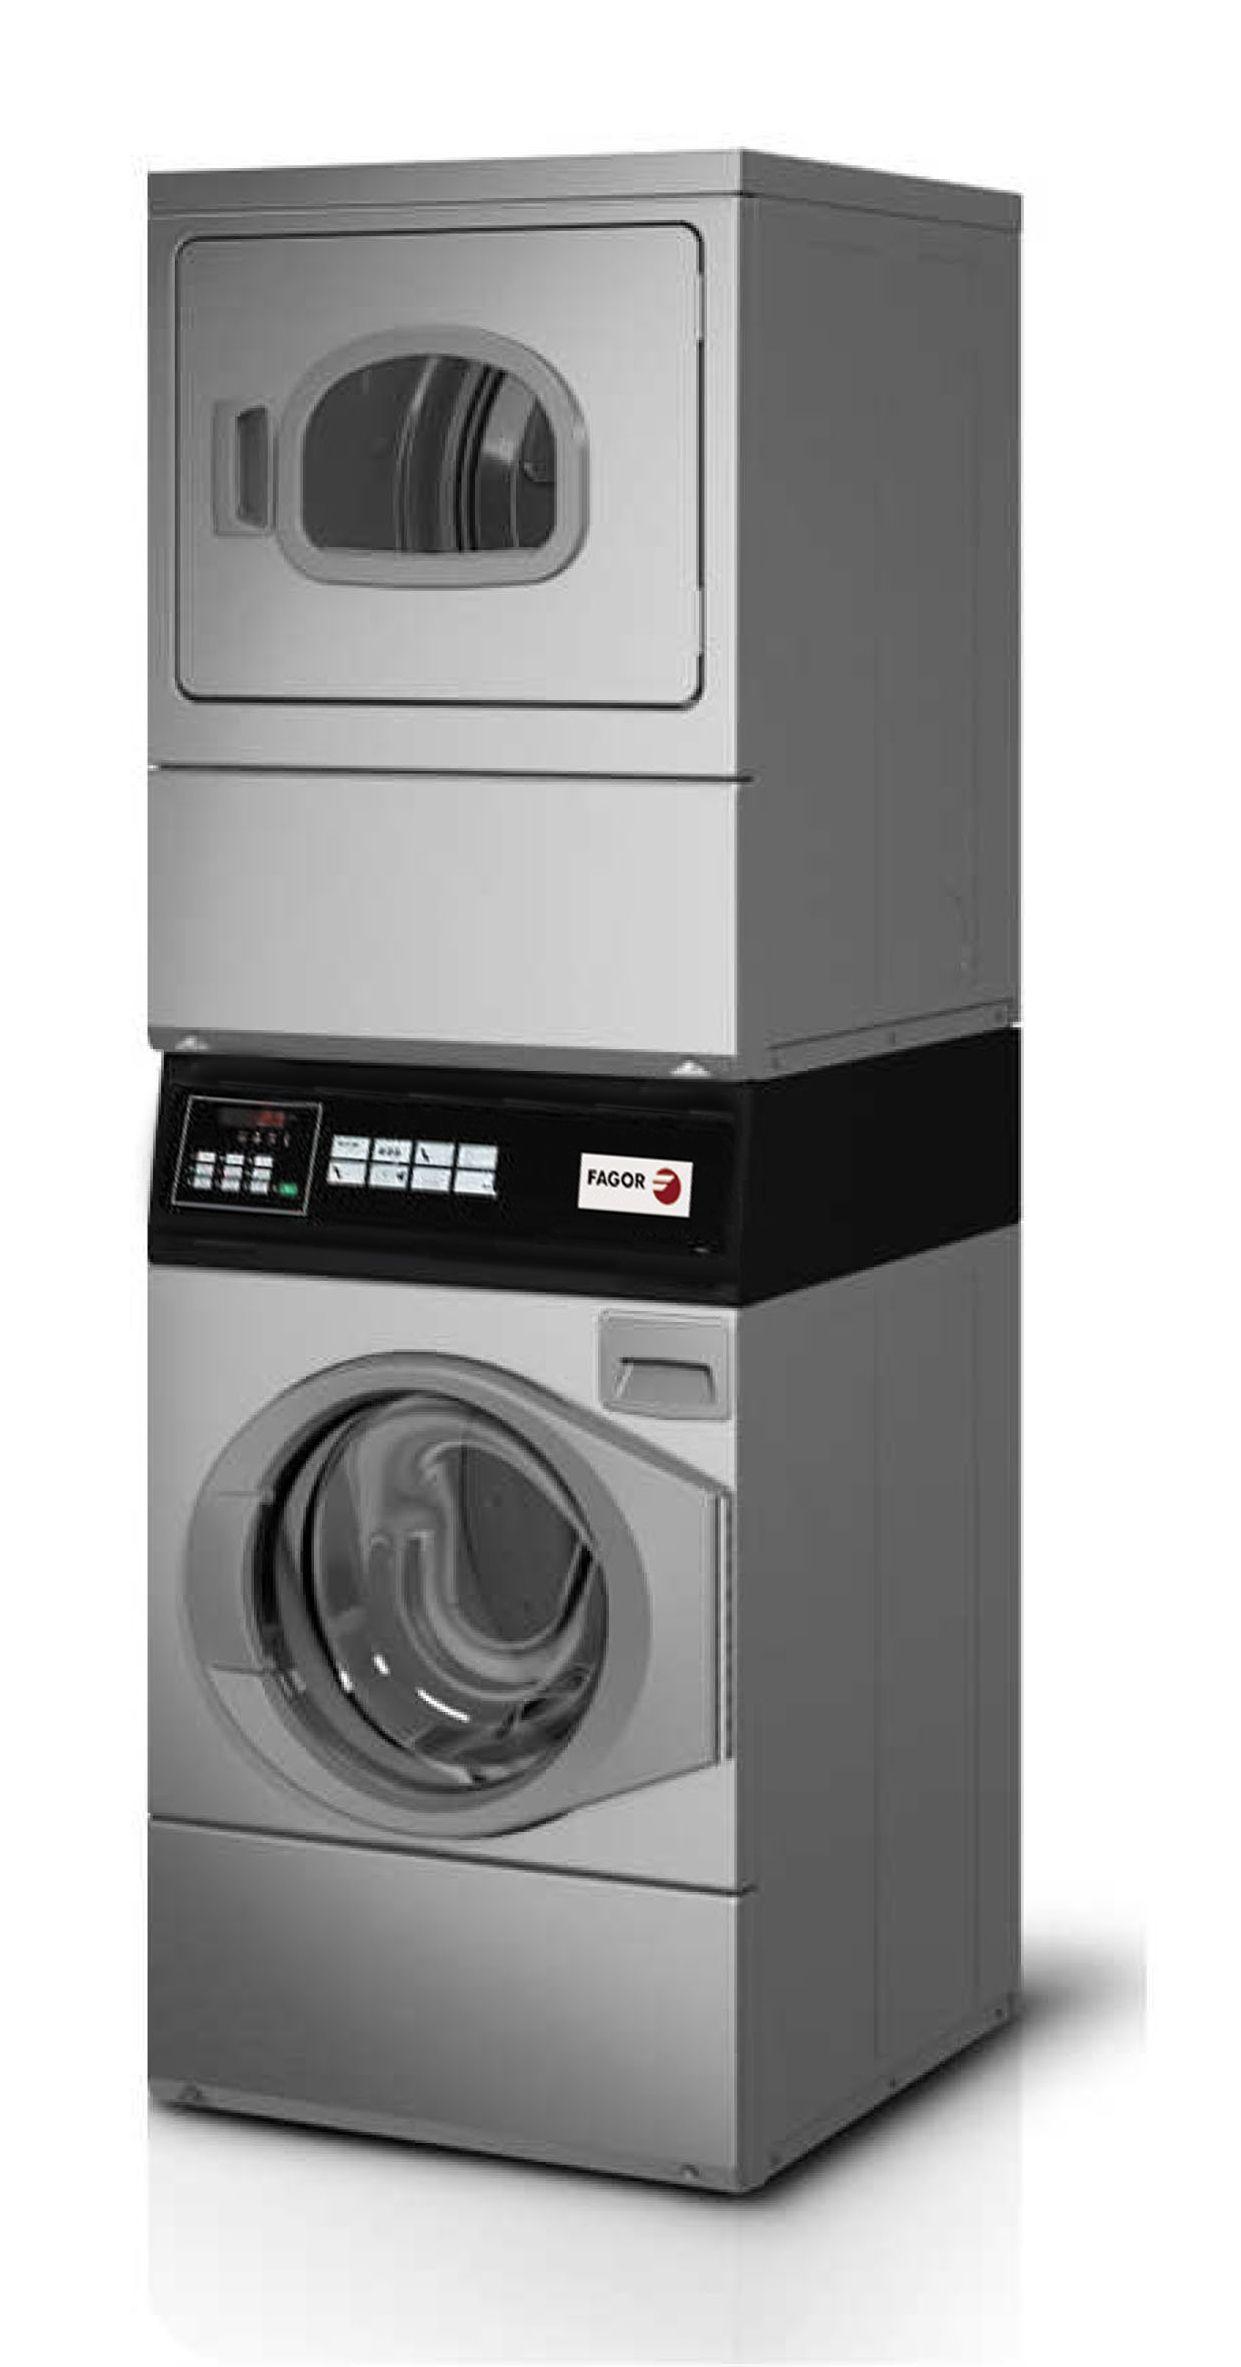 Conjunto lavadora secadora fagor pwd 10 inox - Lavadora y secadora en columna ...